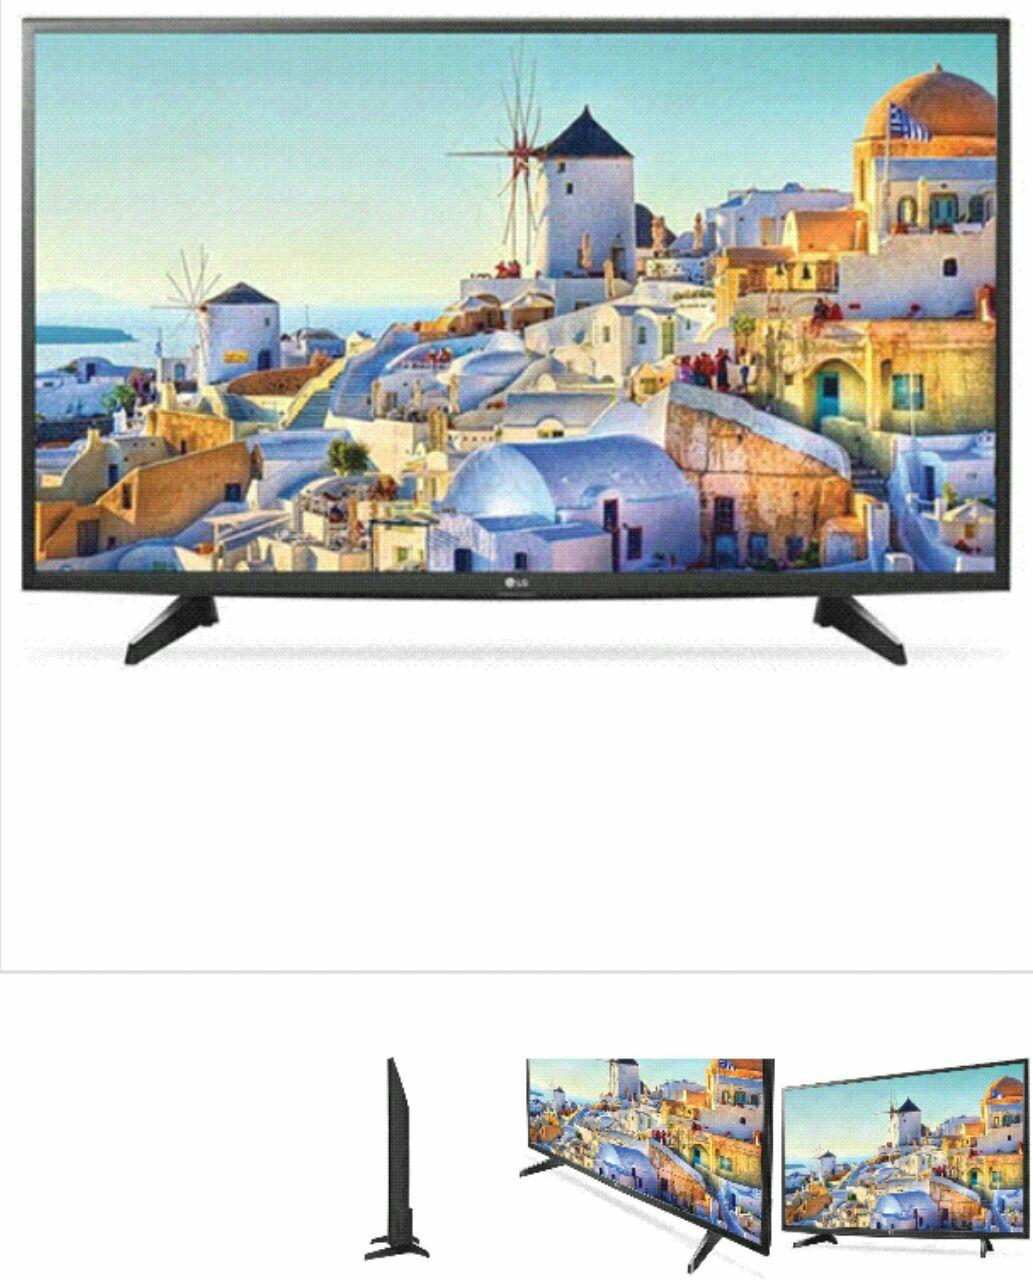 تلویزیون LED ال ای دی 55 اینچ ال جی LG مدل 55UJ617V  اسمارت SMART فورکی 4k